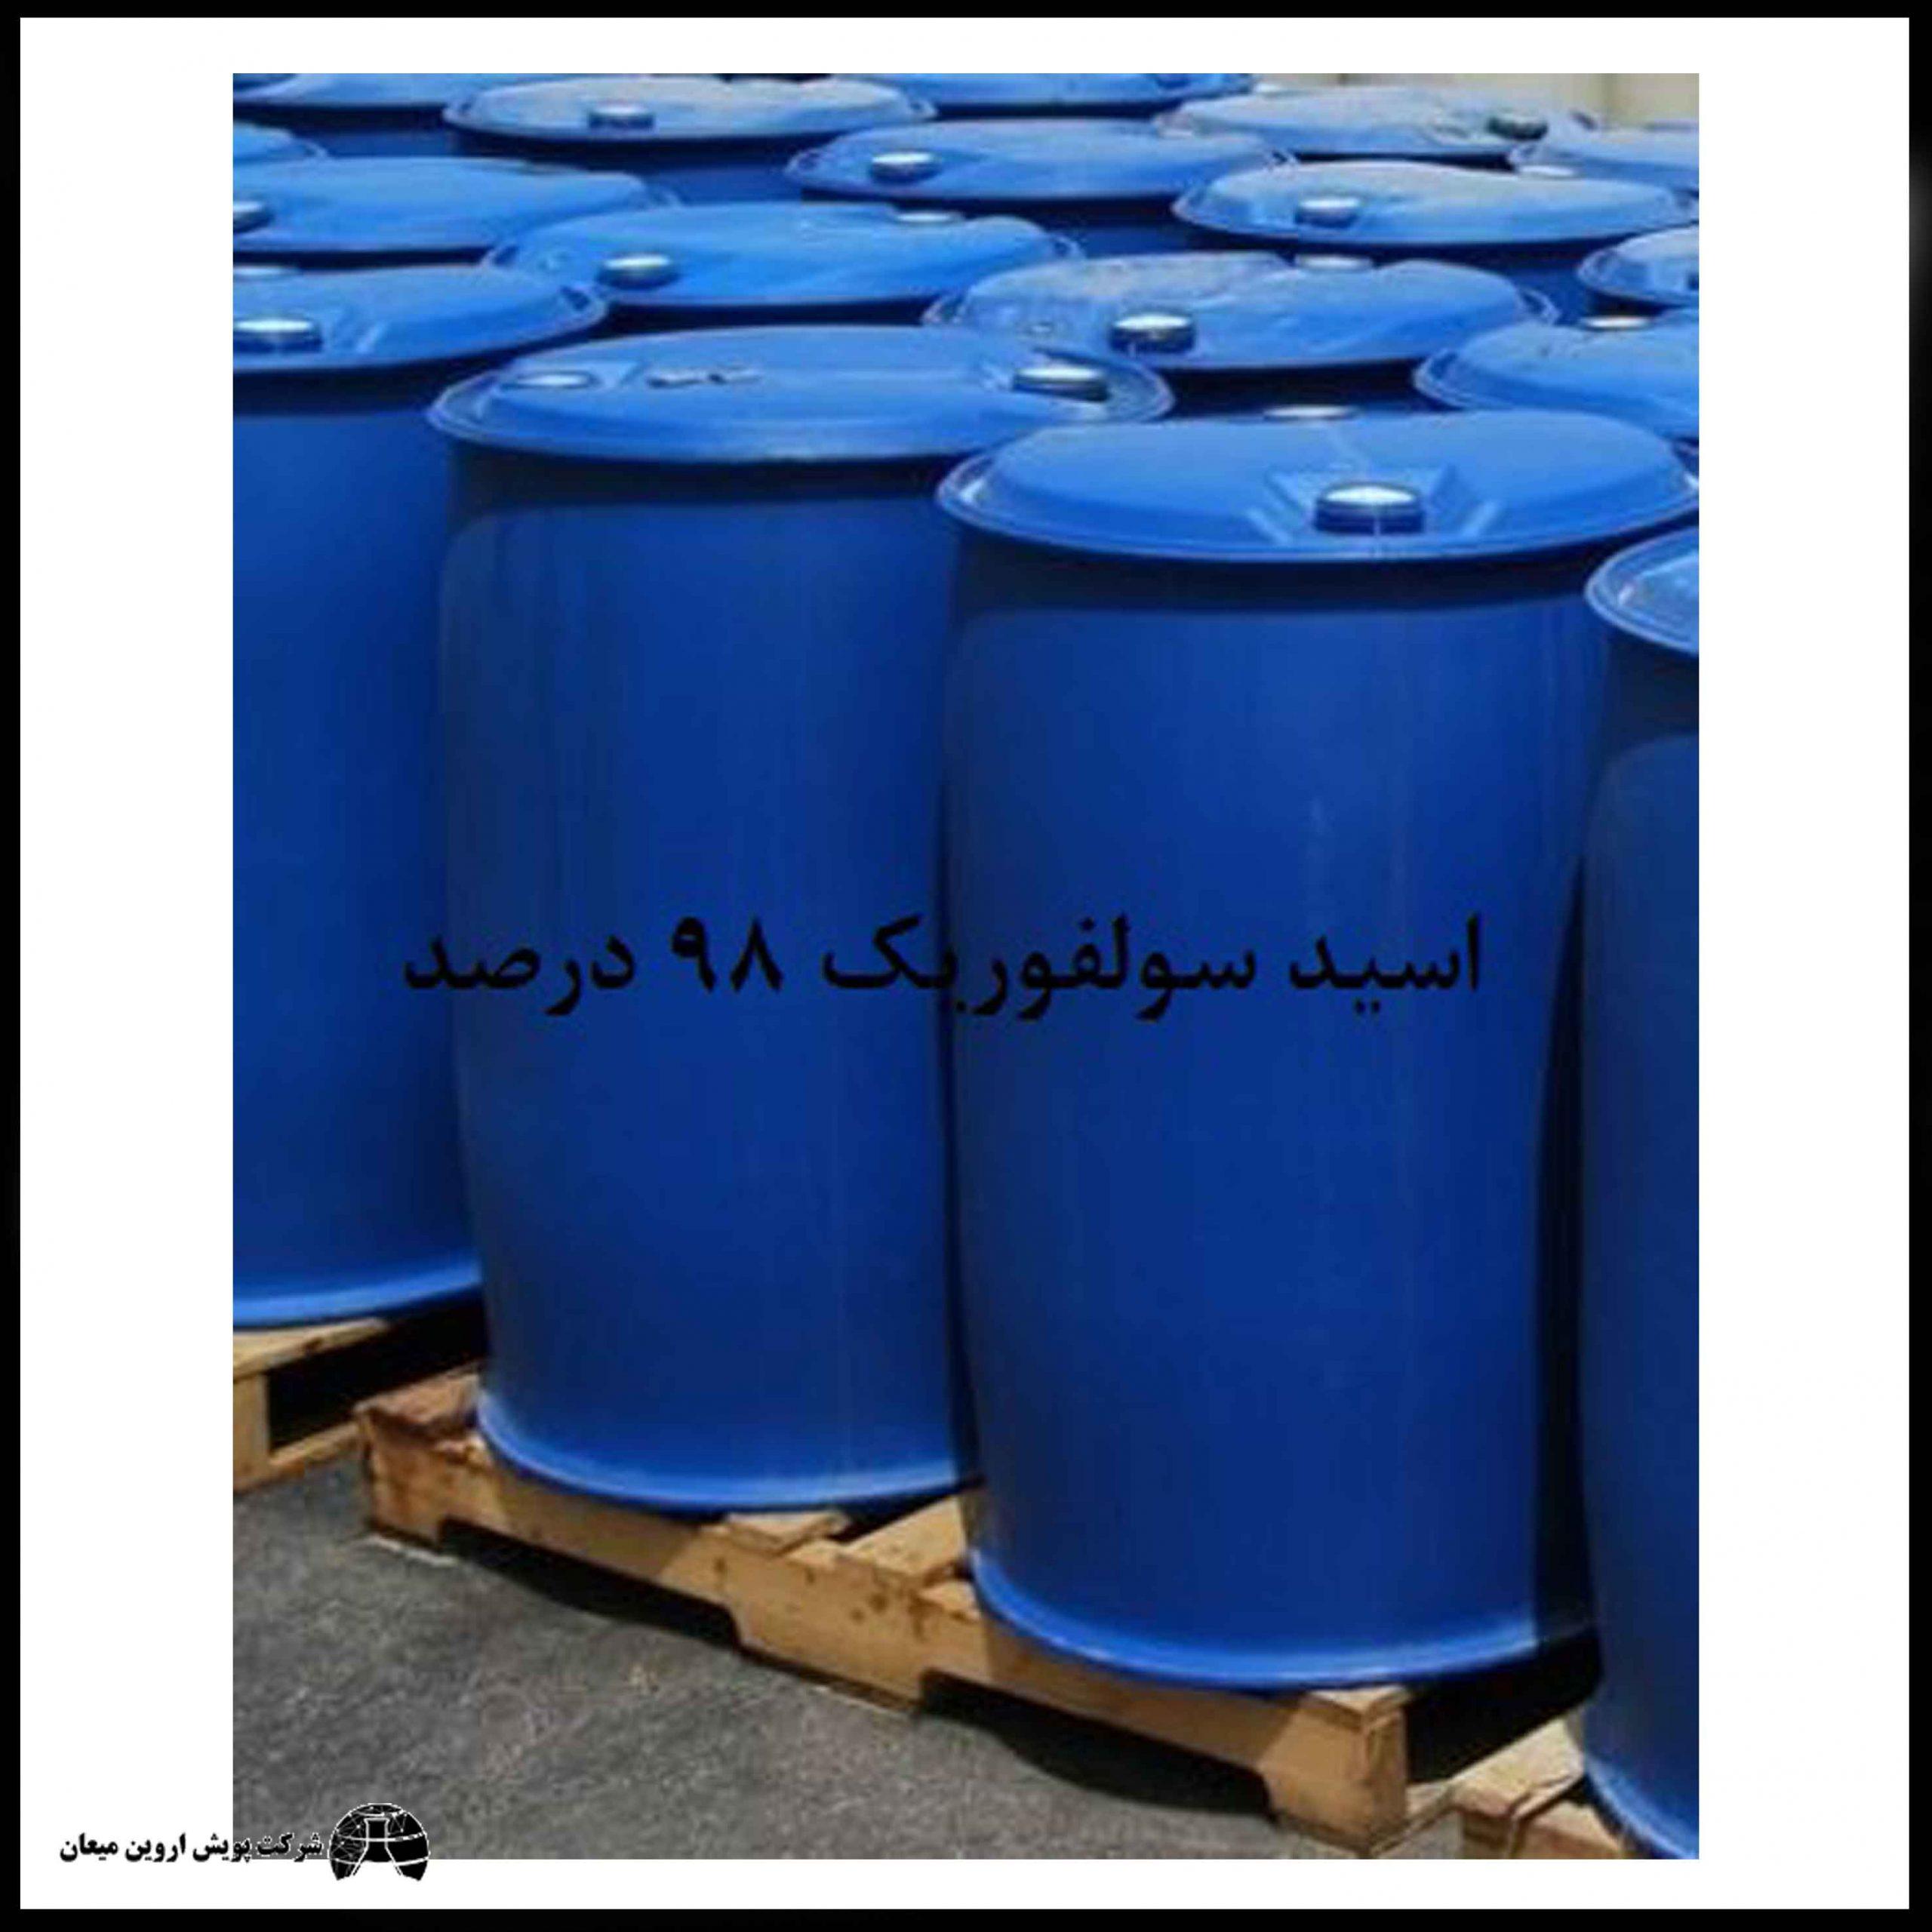 اسید باتری، روغن ویتریول، اسید سولفین، هیدروژن سولفات، جوهر گوگرد، سولفات هیدروژن, اسید سولفوریک